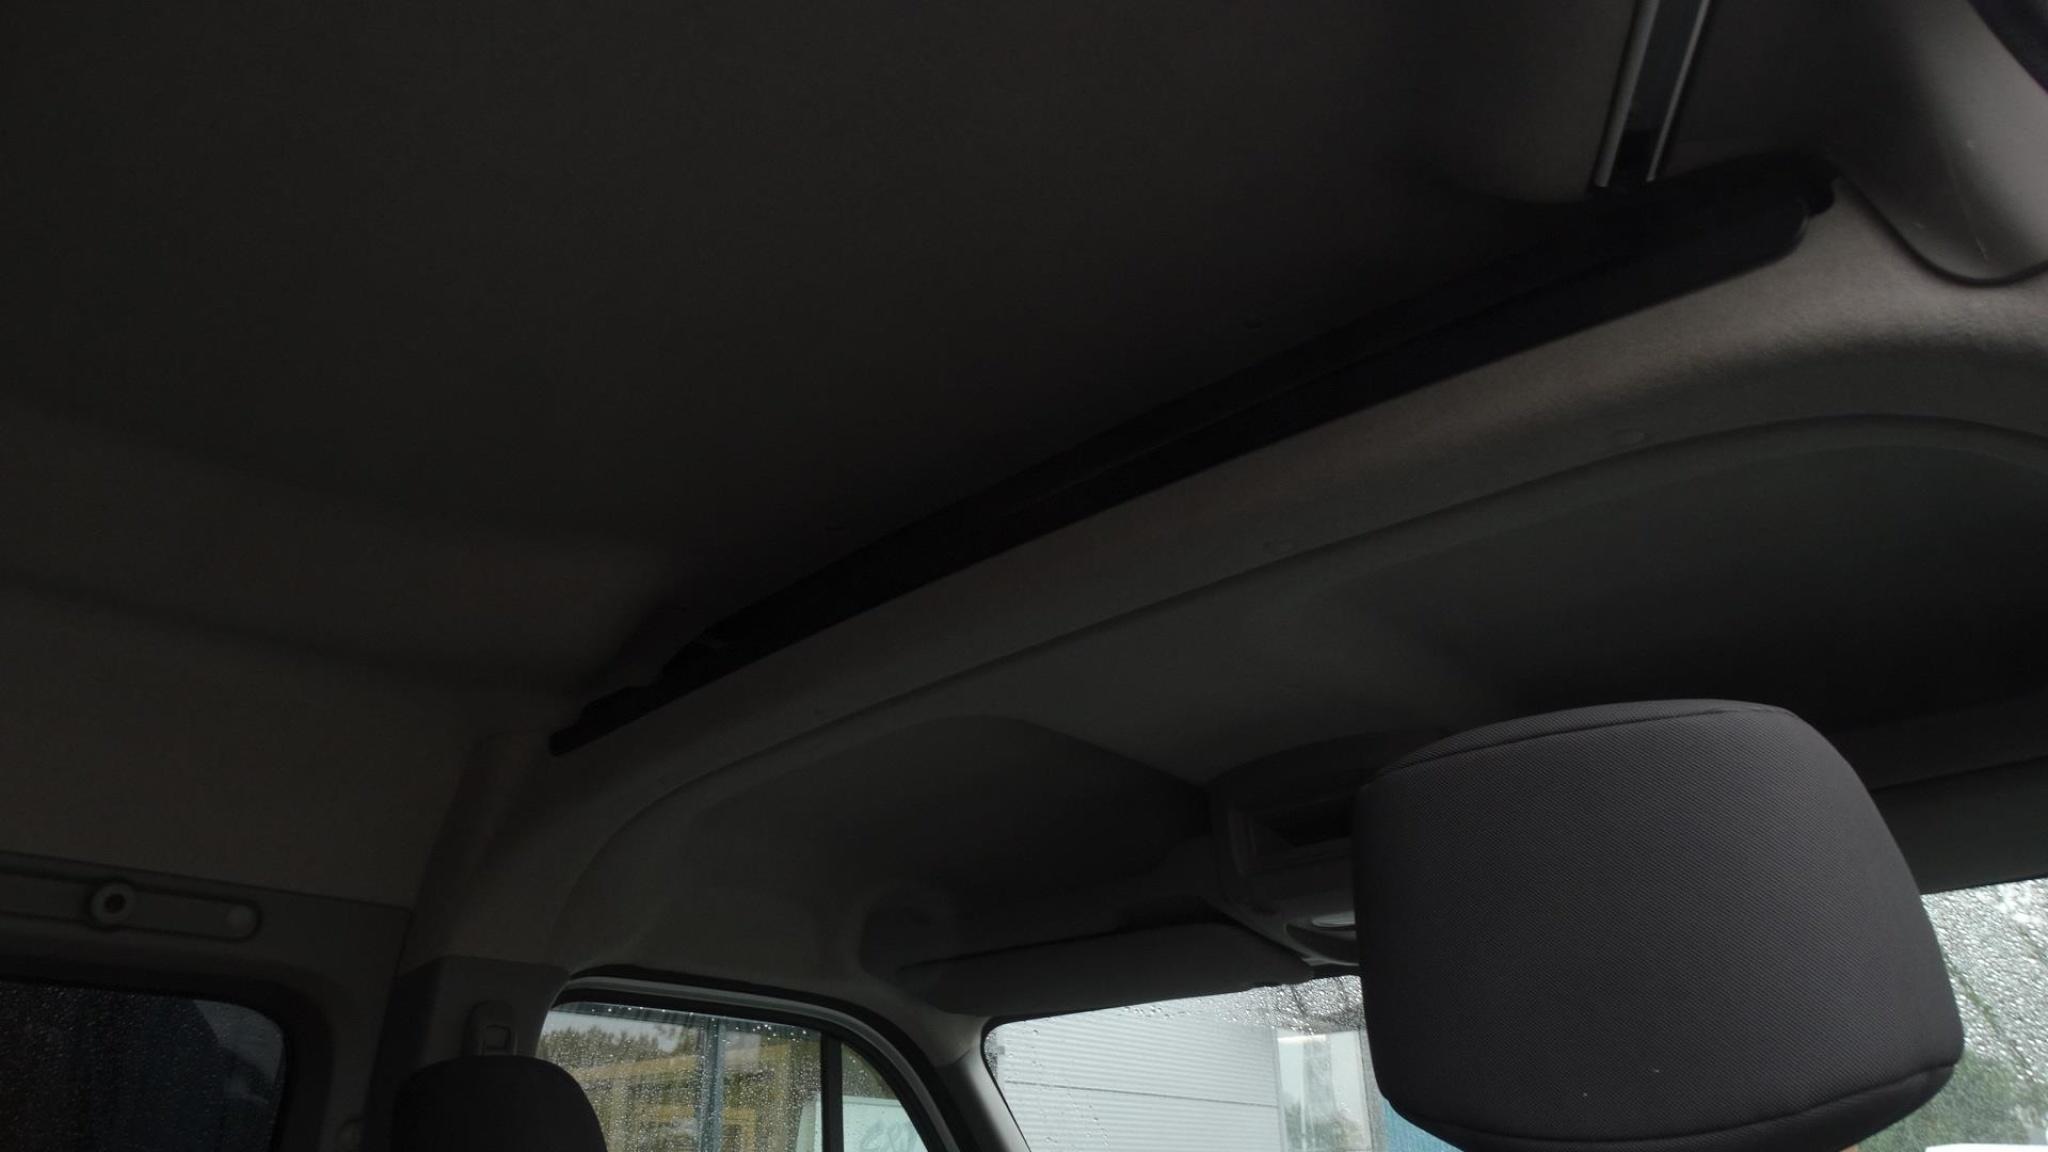 Opel-Movano-19